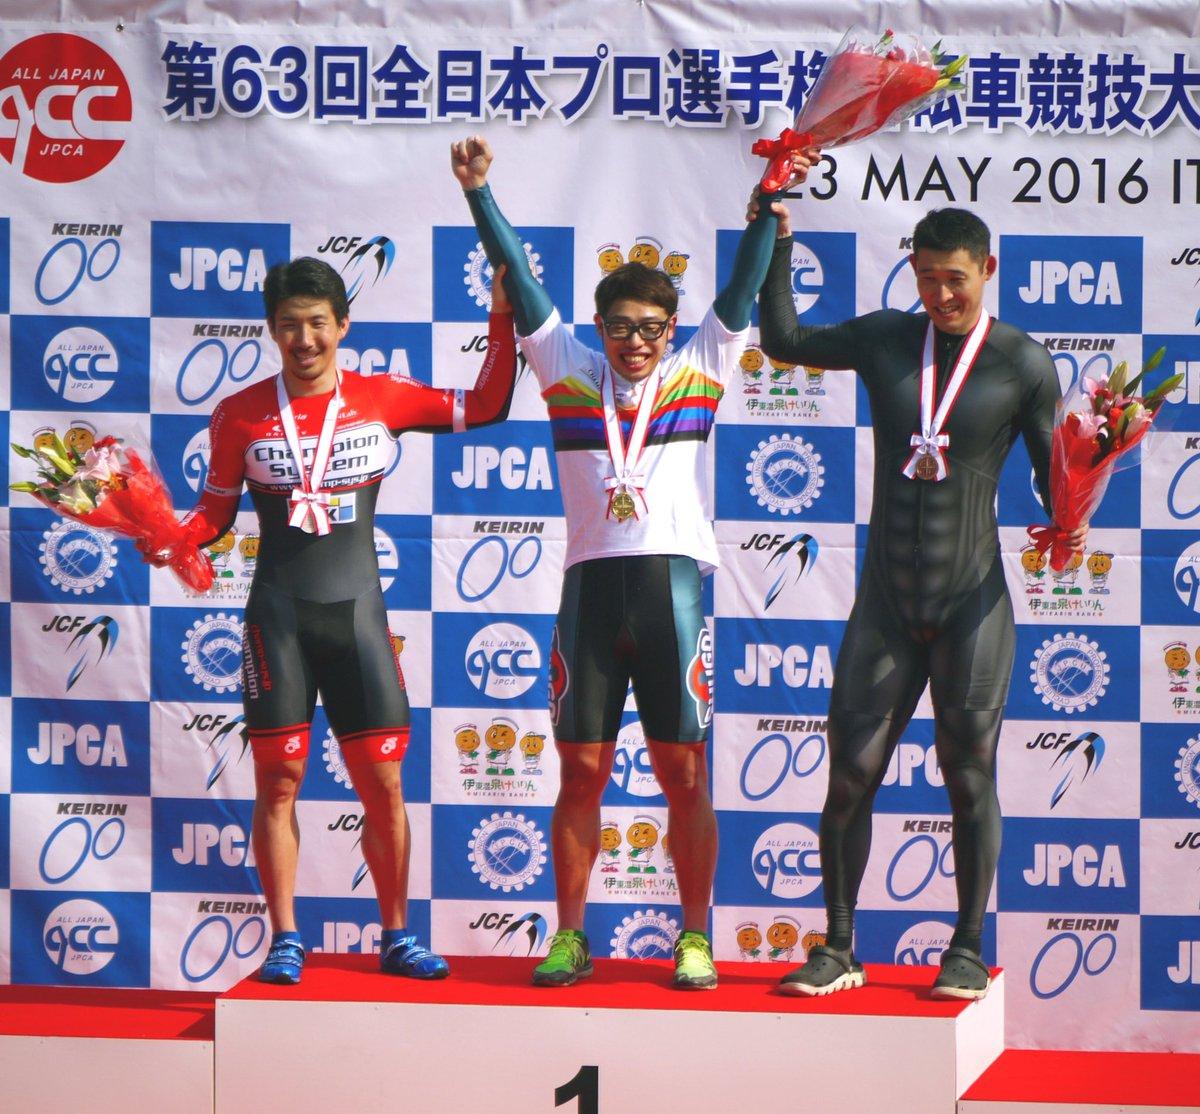 撮影させて頂いたものの大きすぎて近くでは全くフレームに収まりきらなかった、千葉競輪のあの方です(^^)!#千葉競輪 #